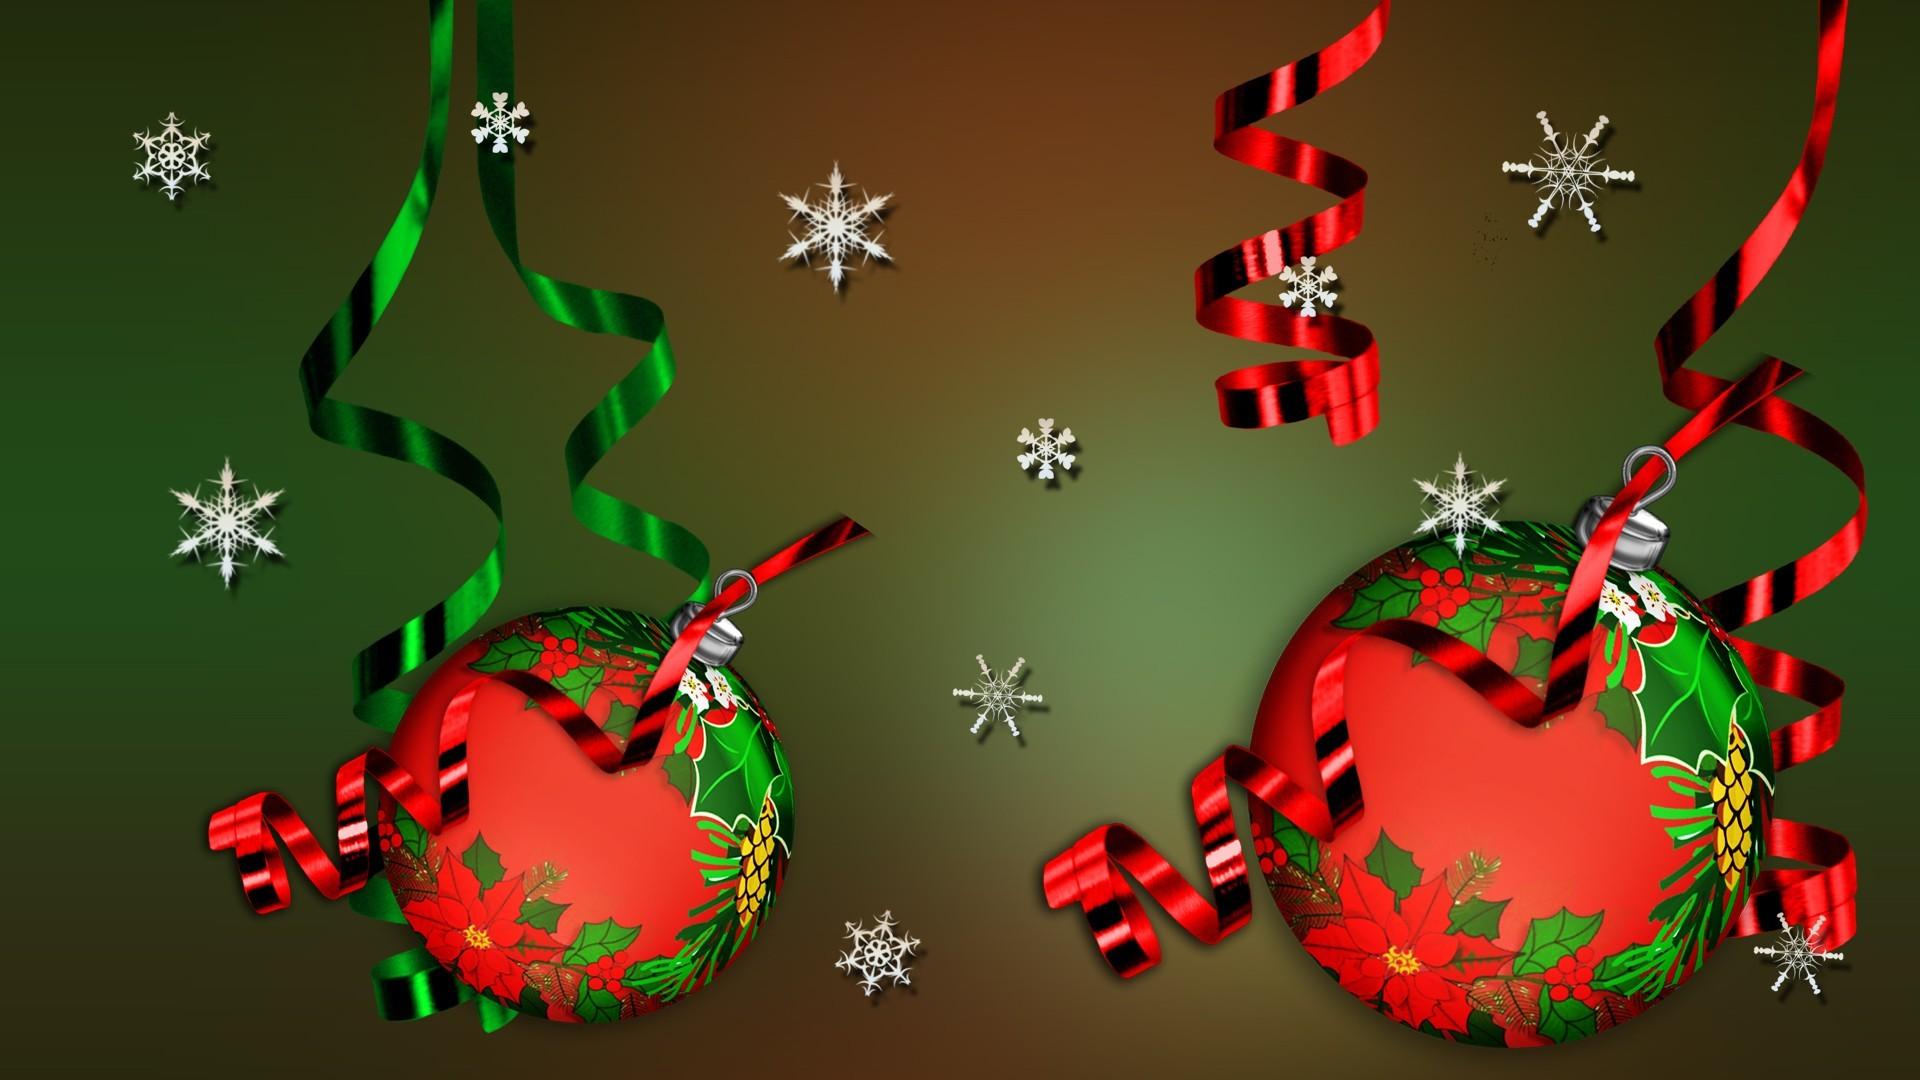 sfondi natalizi per desktop 52 immagini